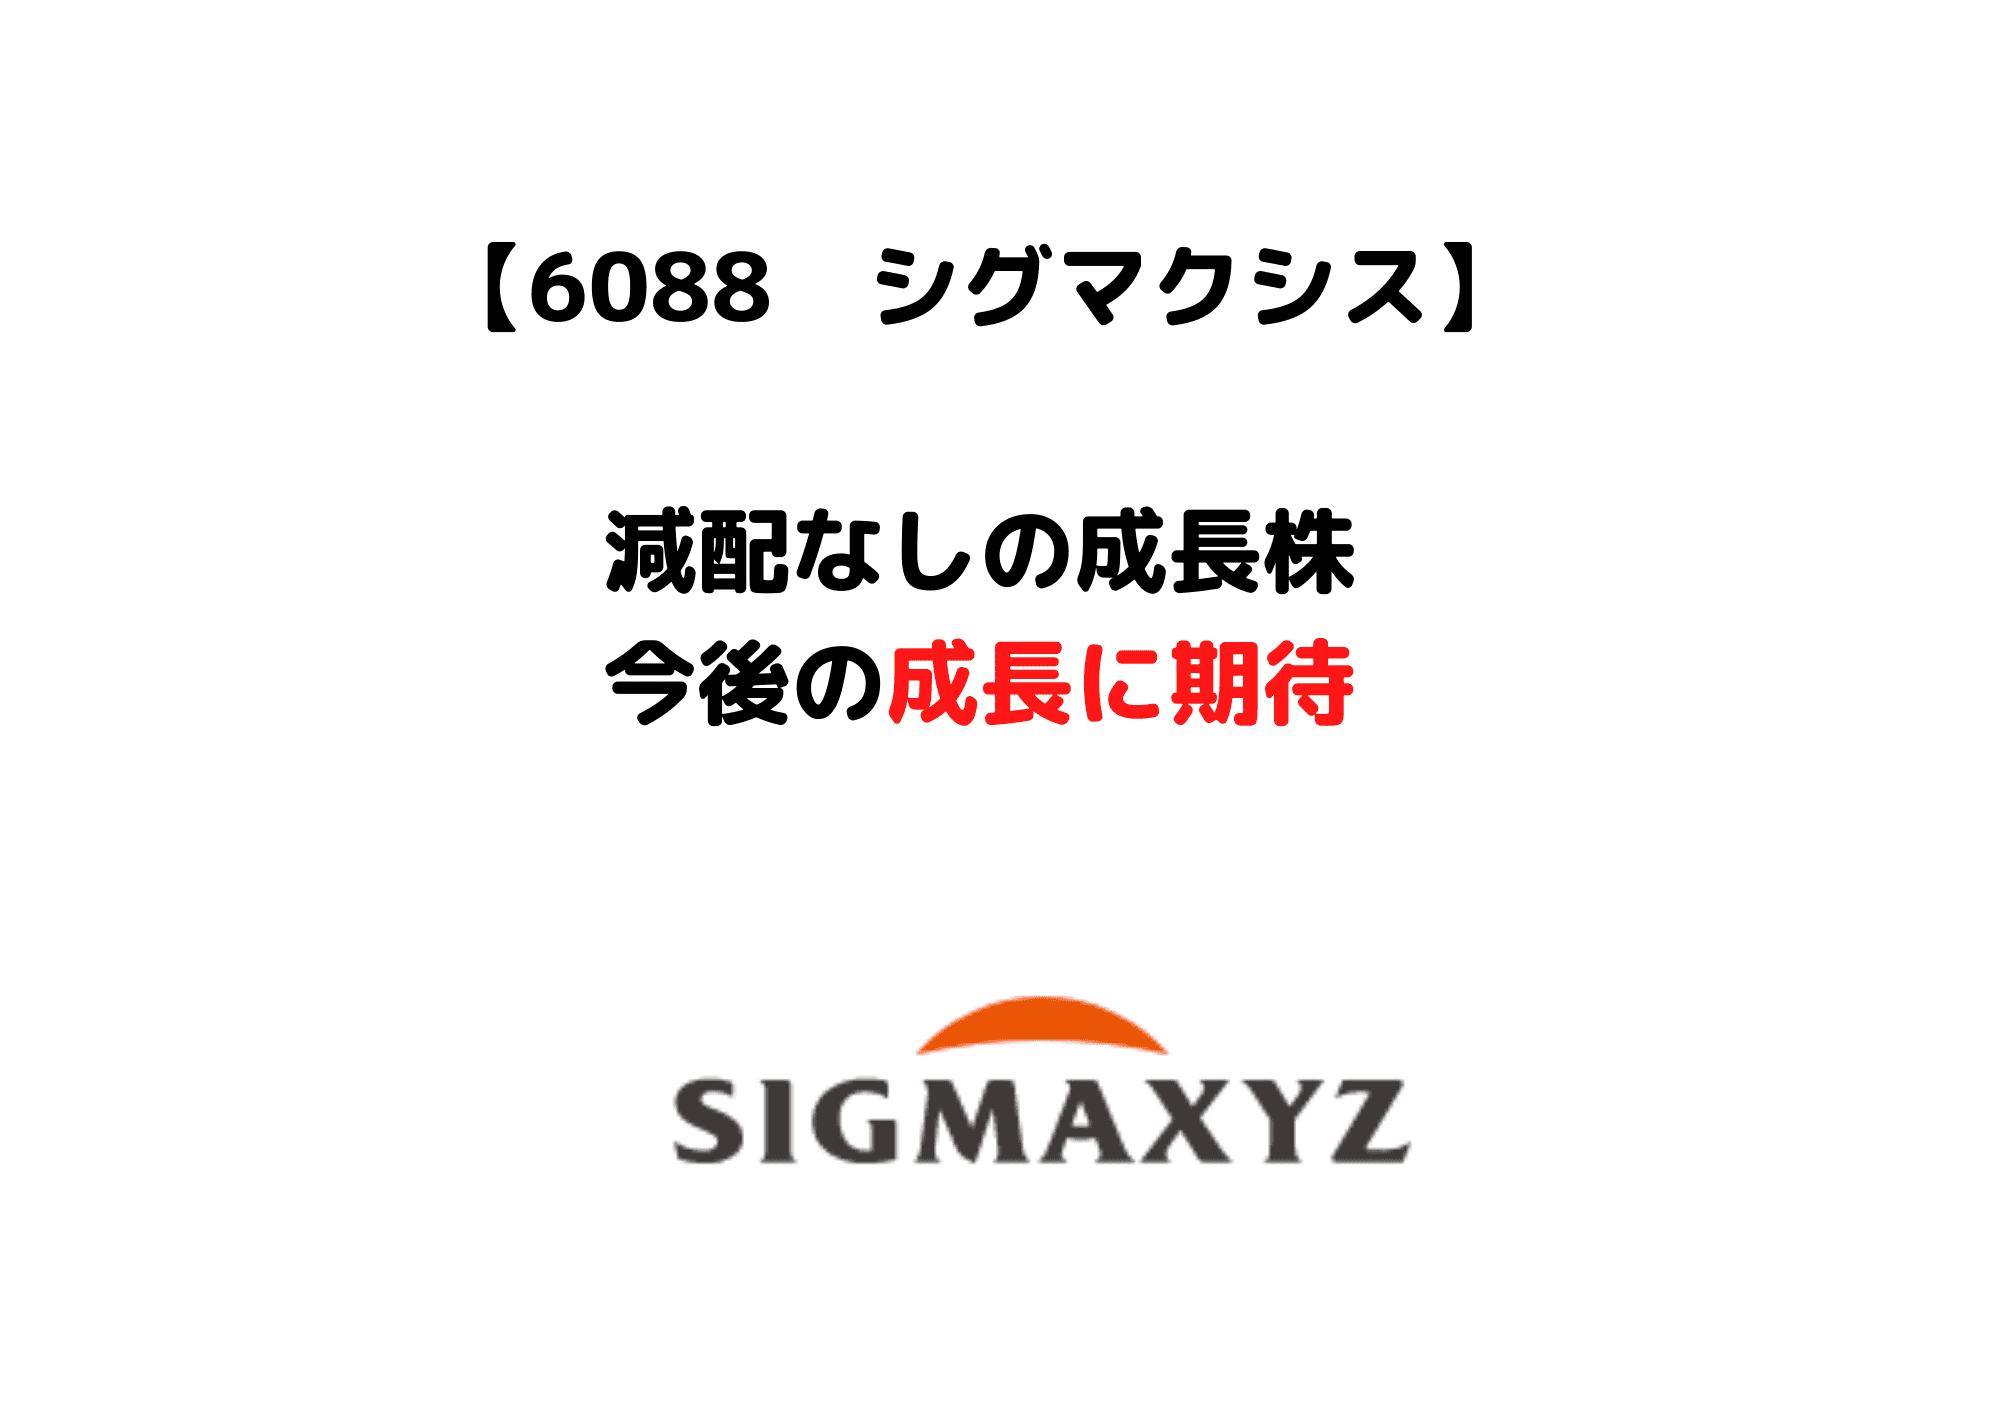 6088 シグマクシス